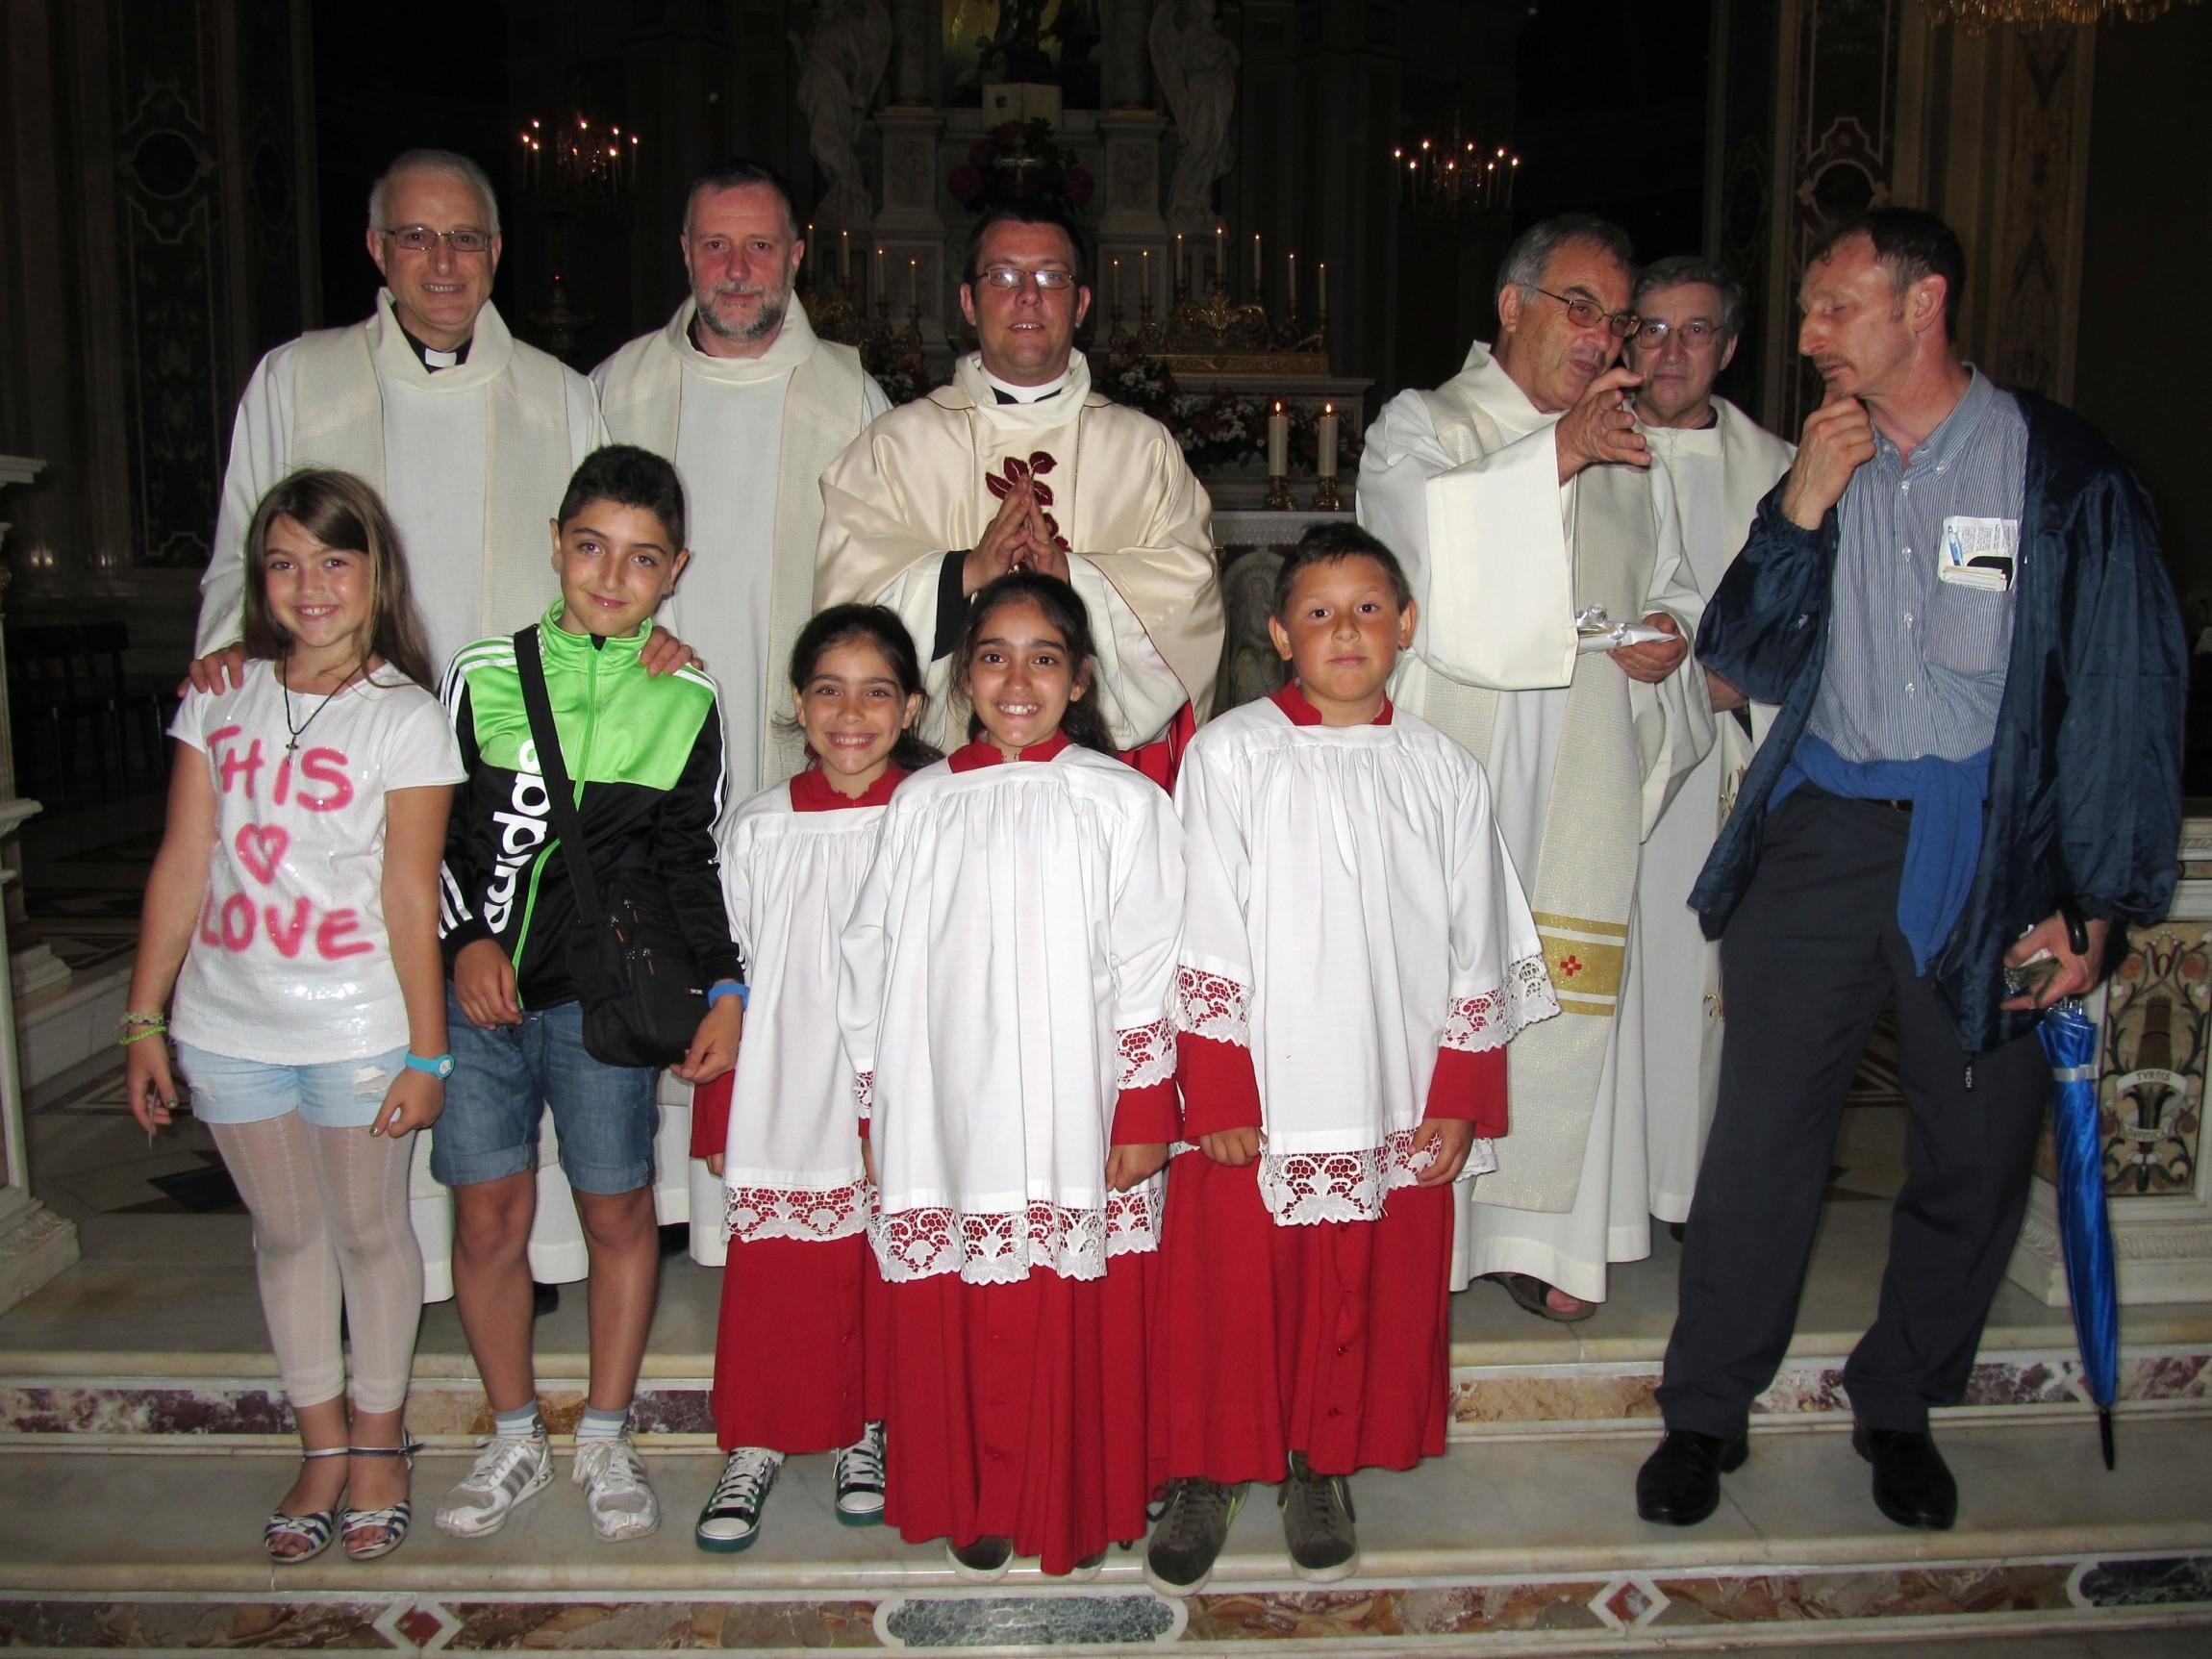 pellegrinaggio_vicariale_guardia_2014-06-15-16-09-54